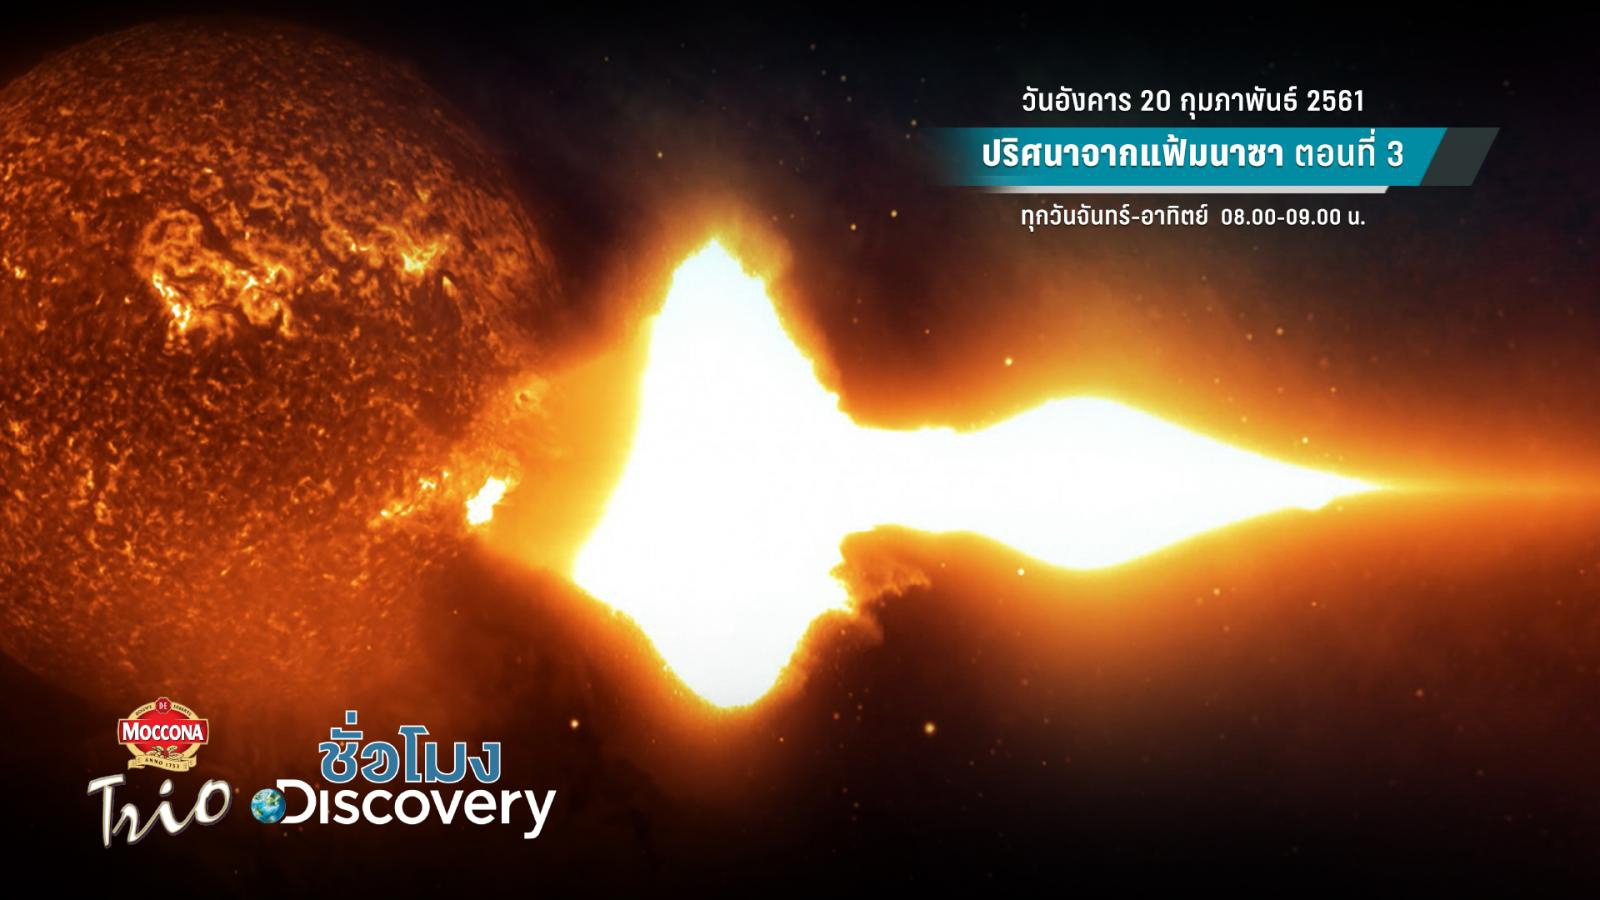 ชั่วโมง Discovery